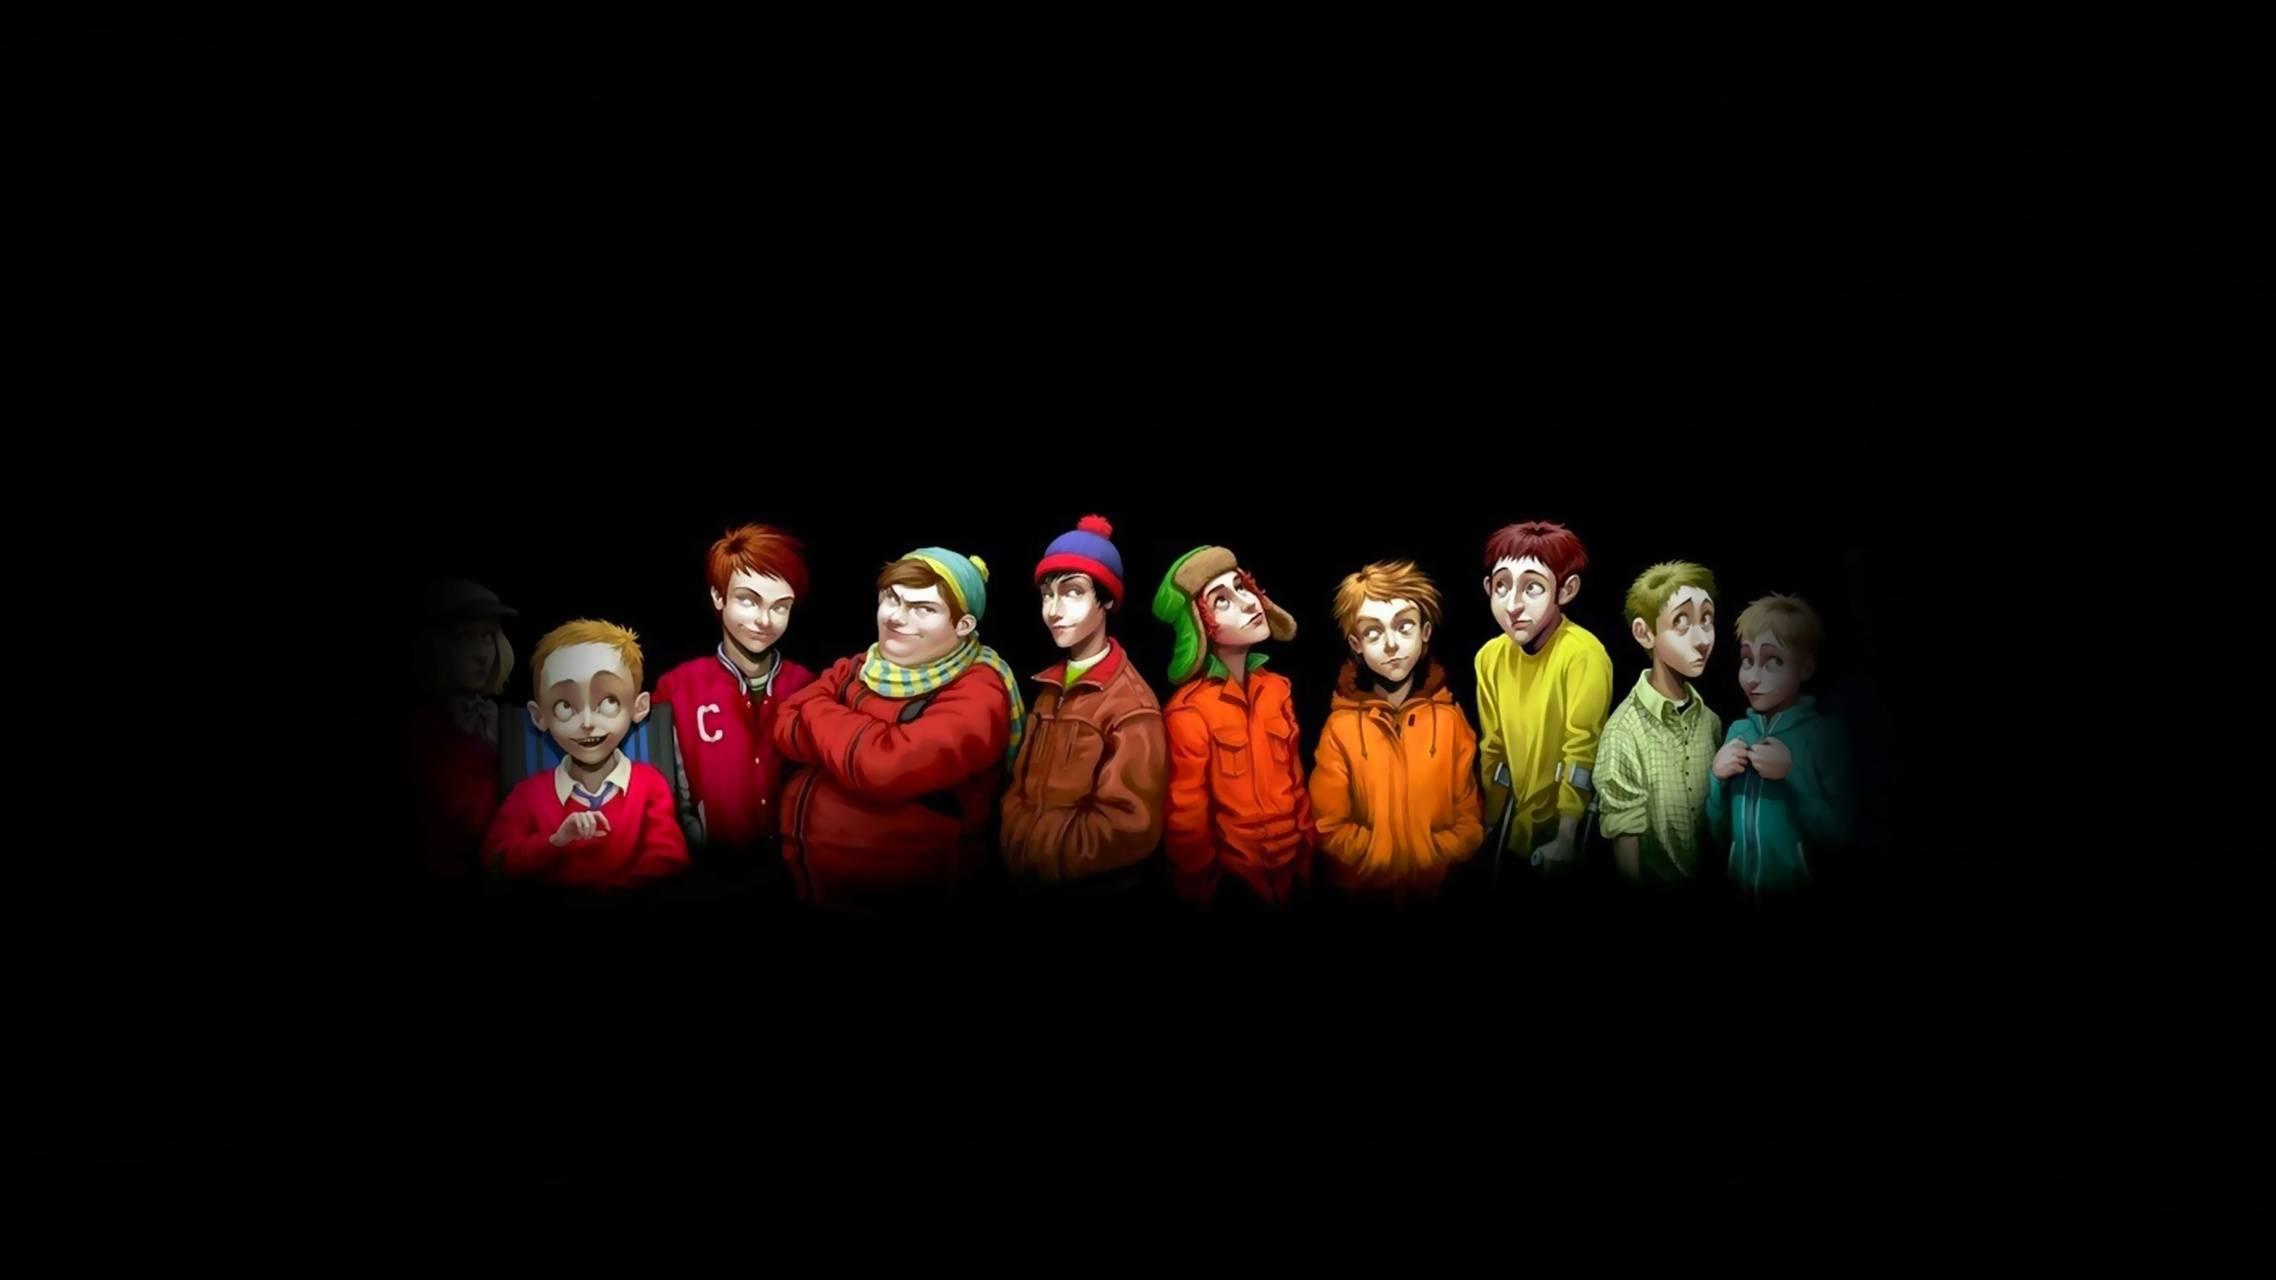 South Park 3d